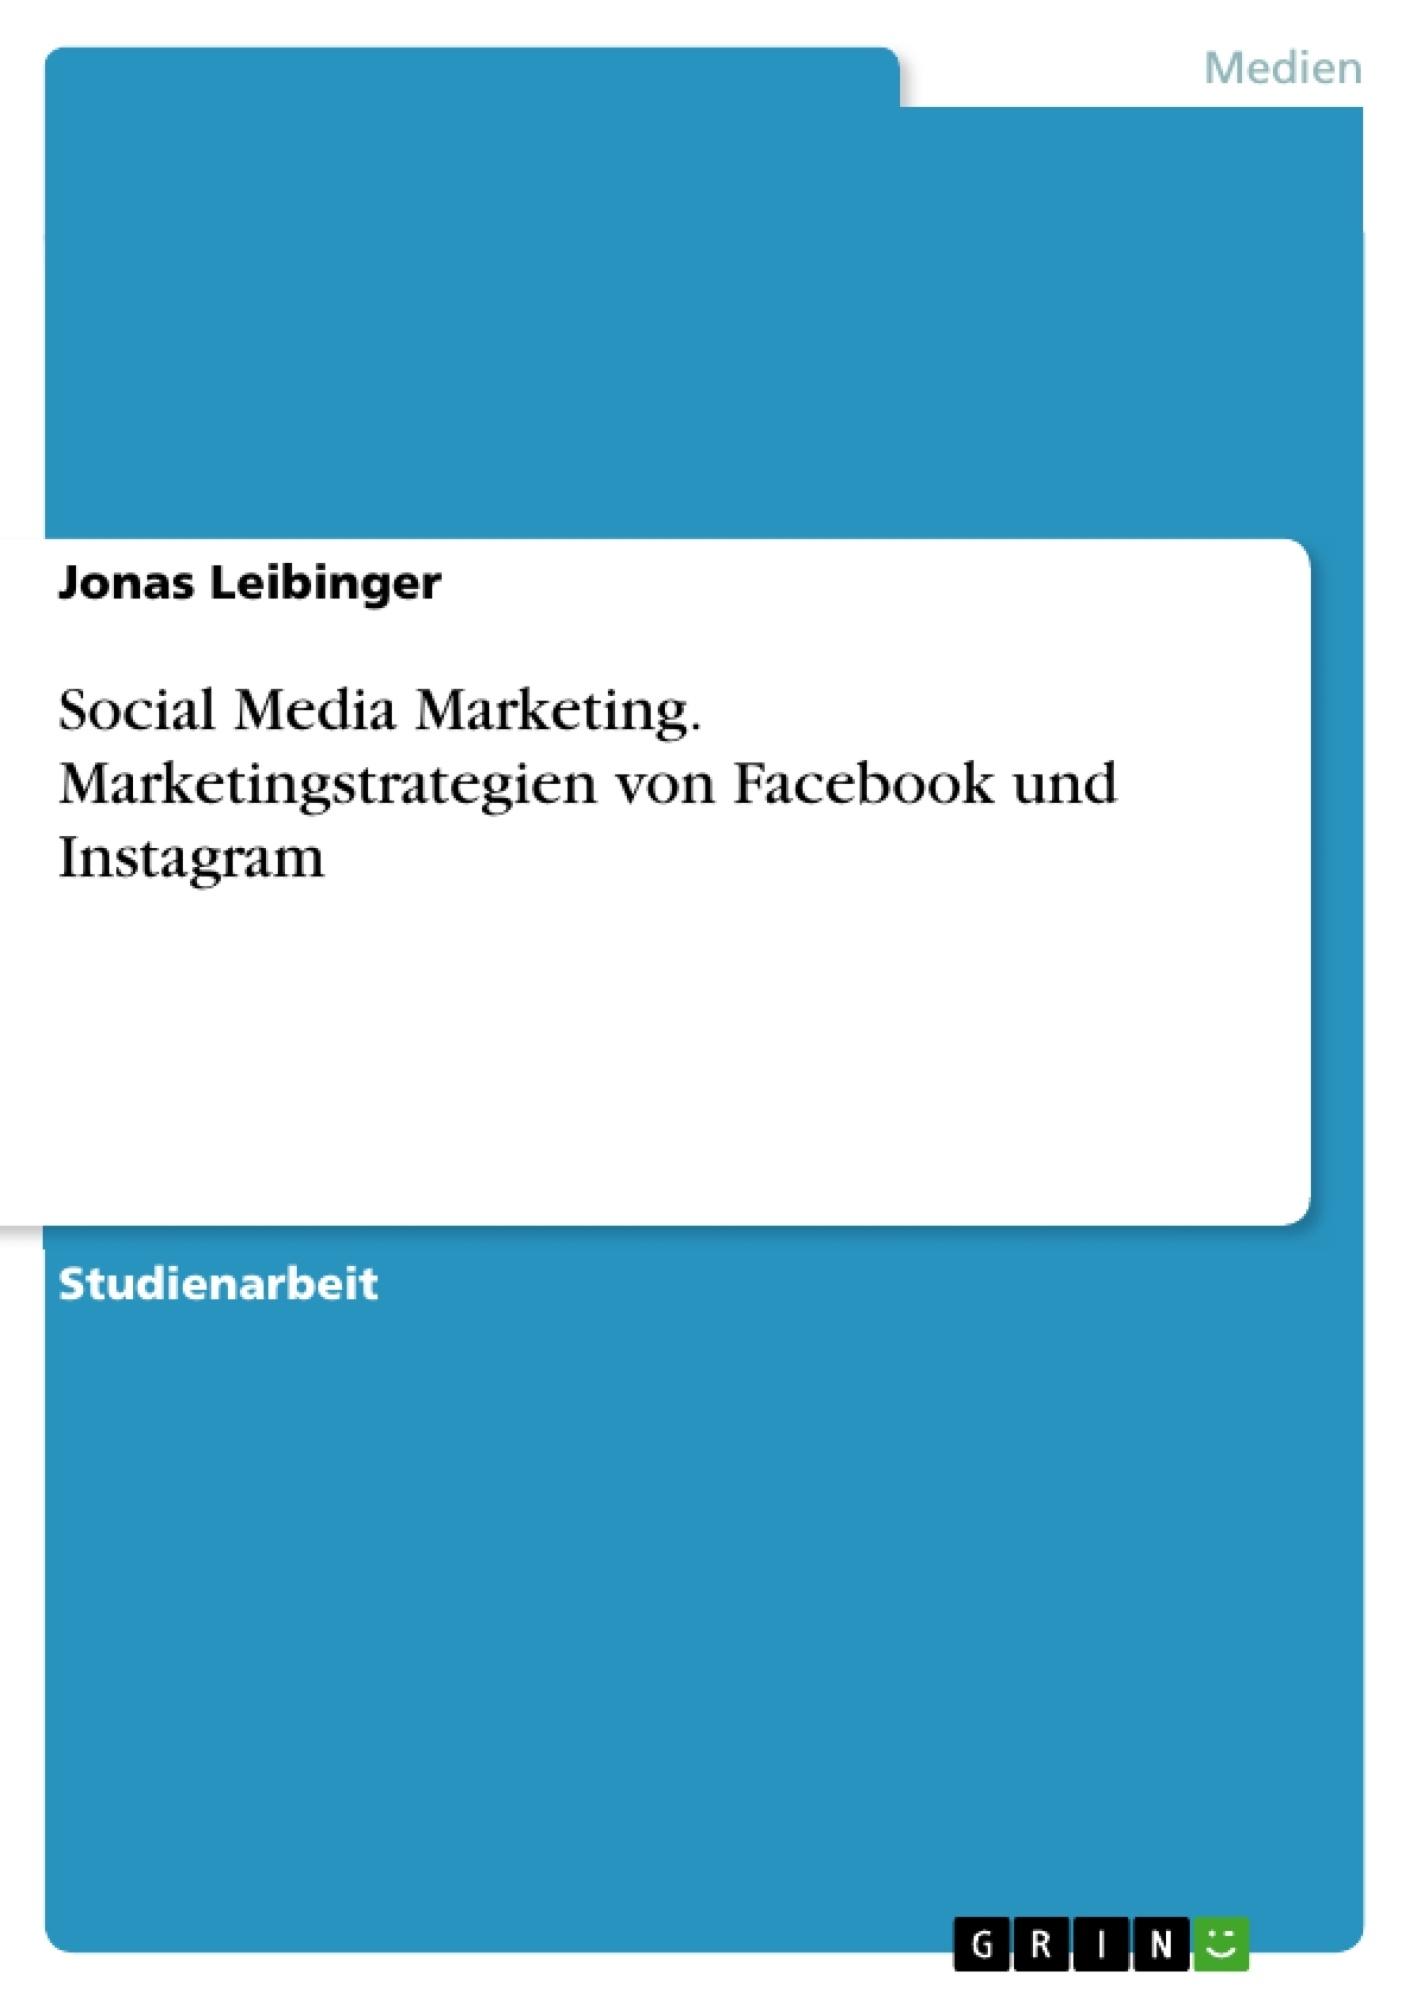 Titel: Social Media Marketing. Marketingstrategien von Facebook und Instagram